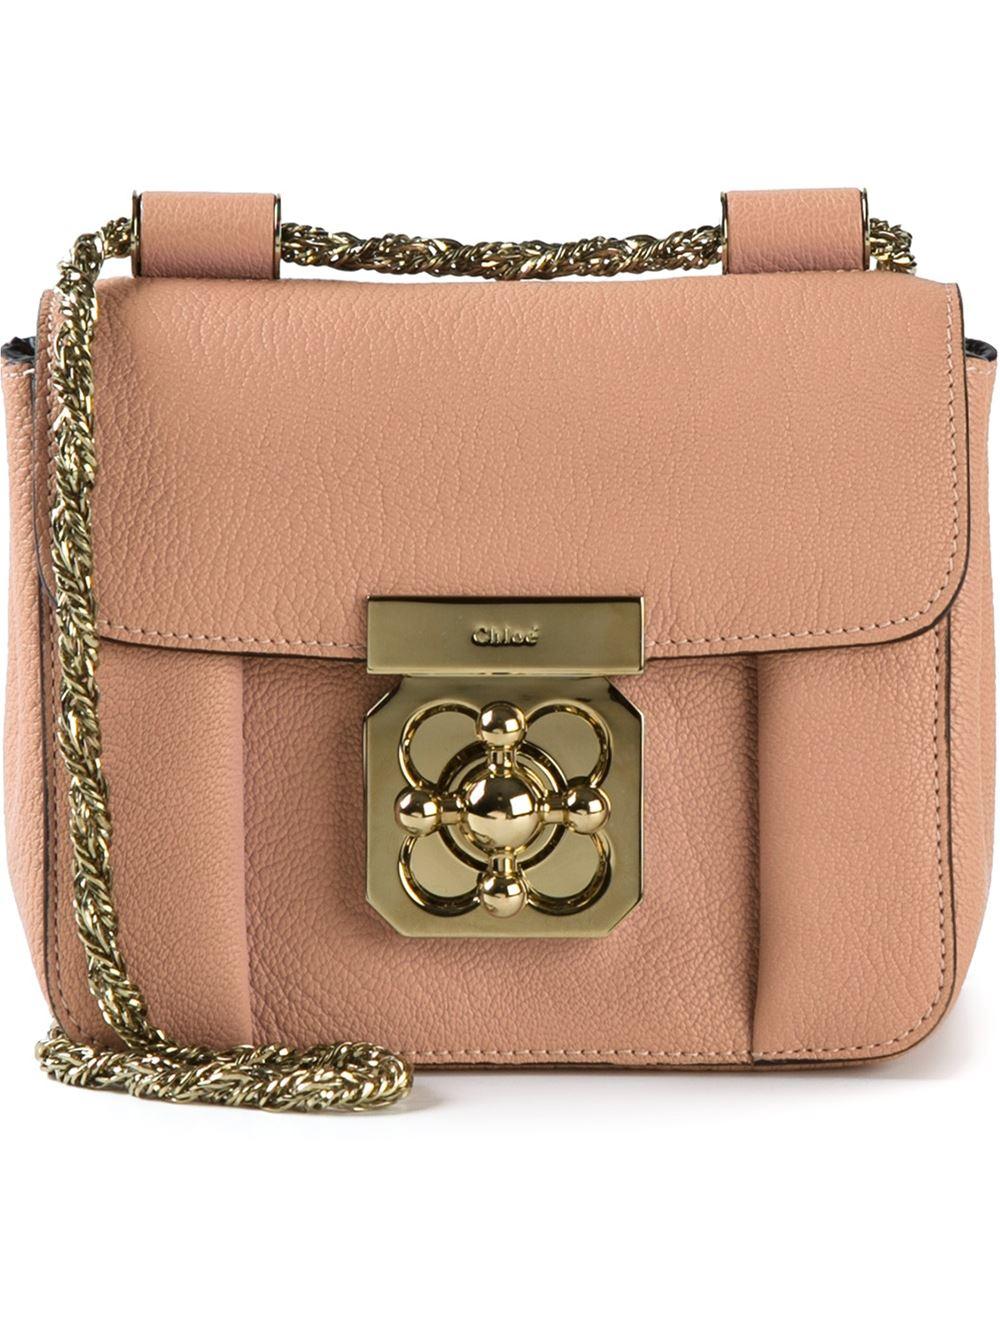 Chlo¨¦ Elsie Calf-leather Cross-body Bag in Pink (pink \u0026amp; purple) | Lyst